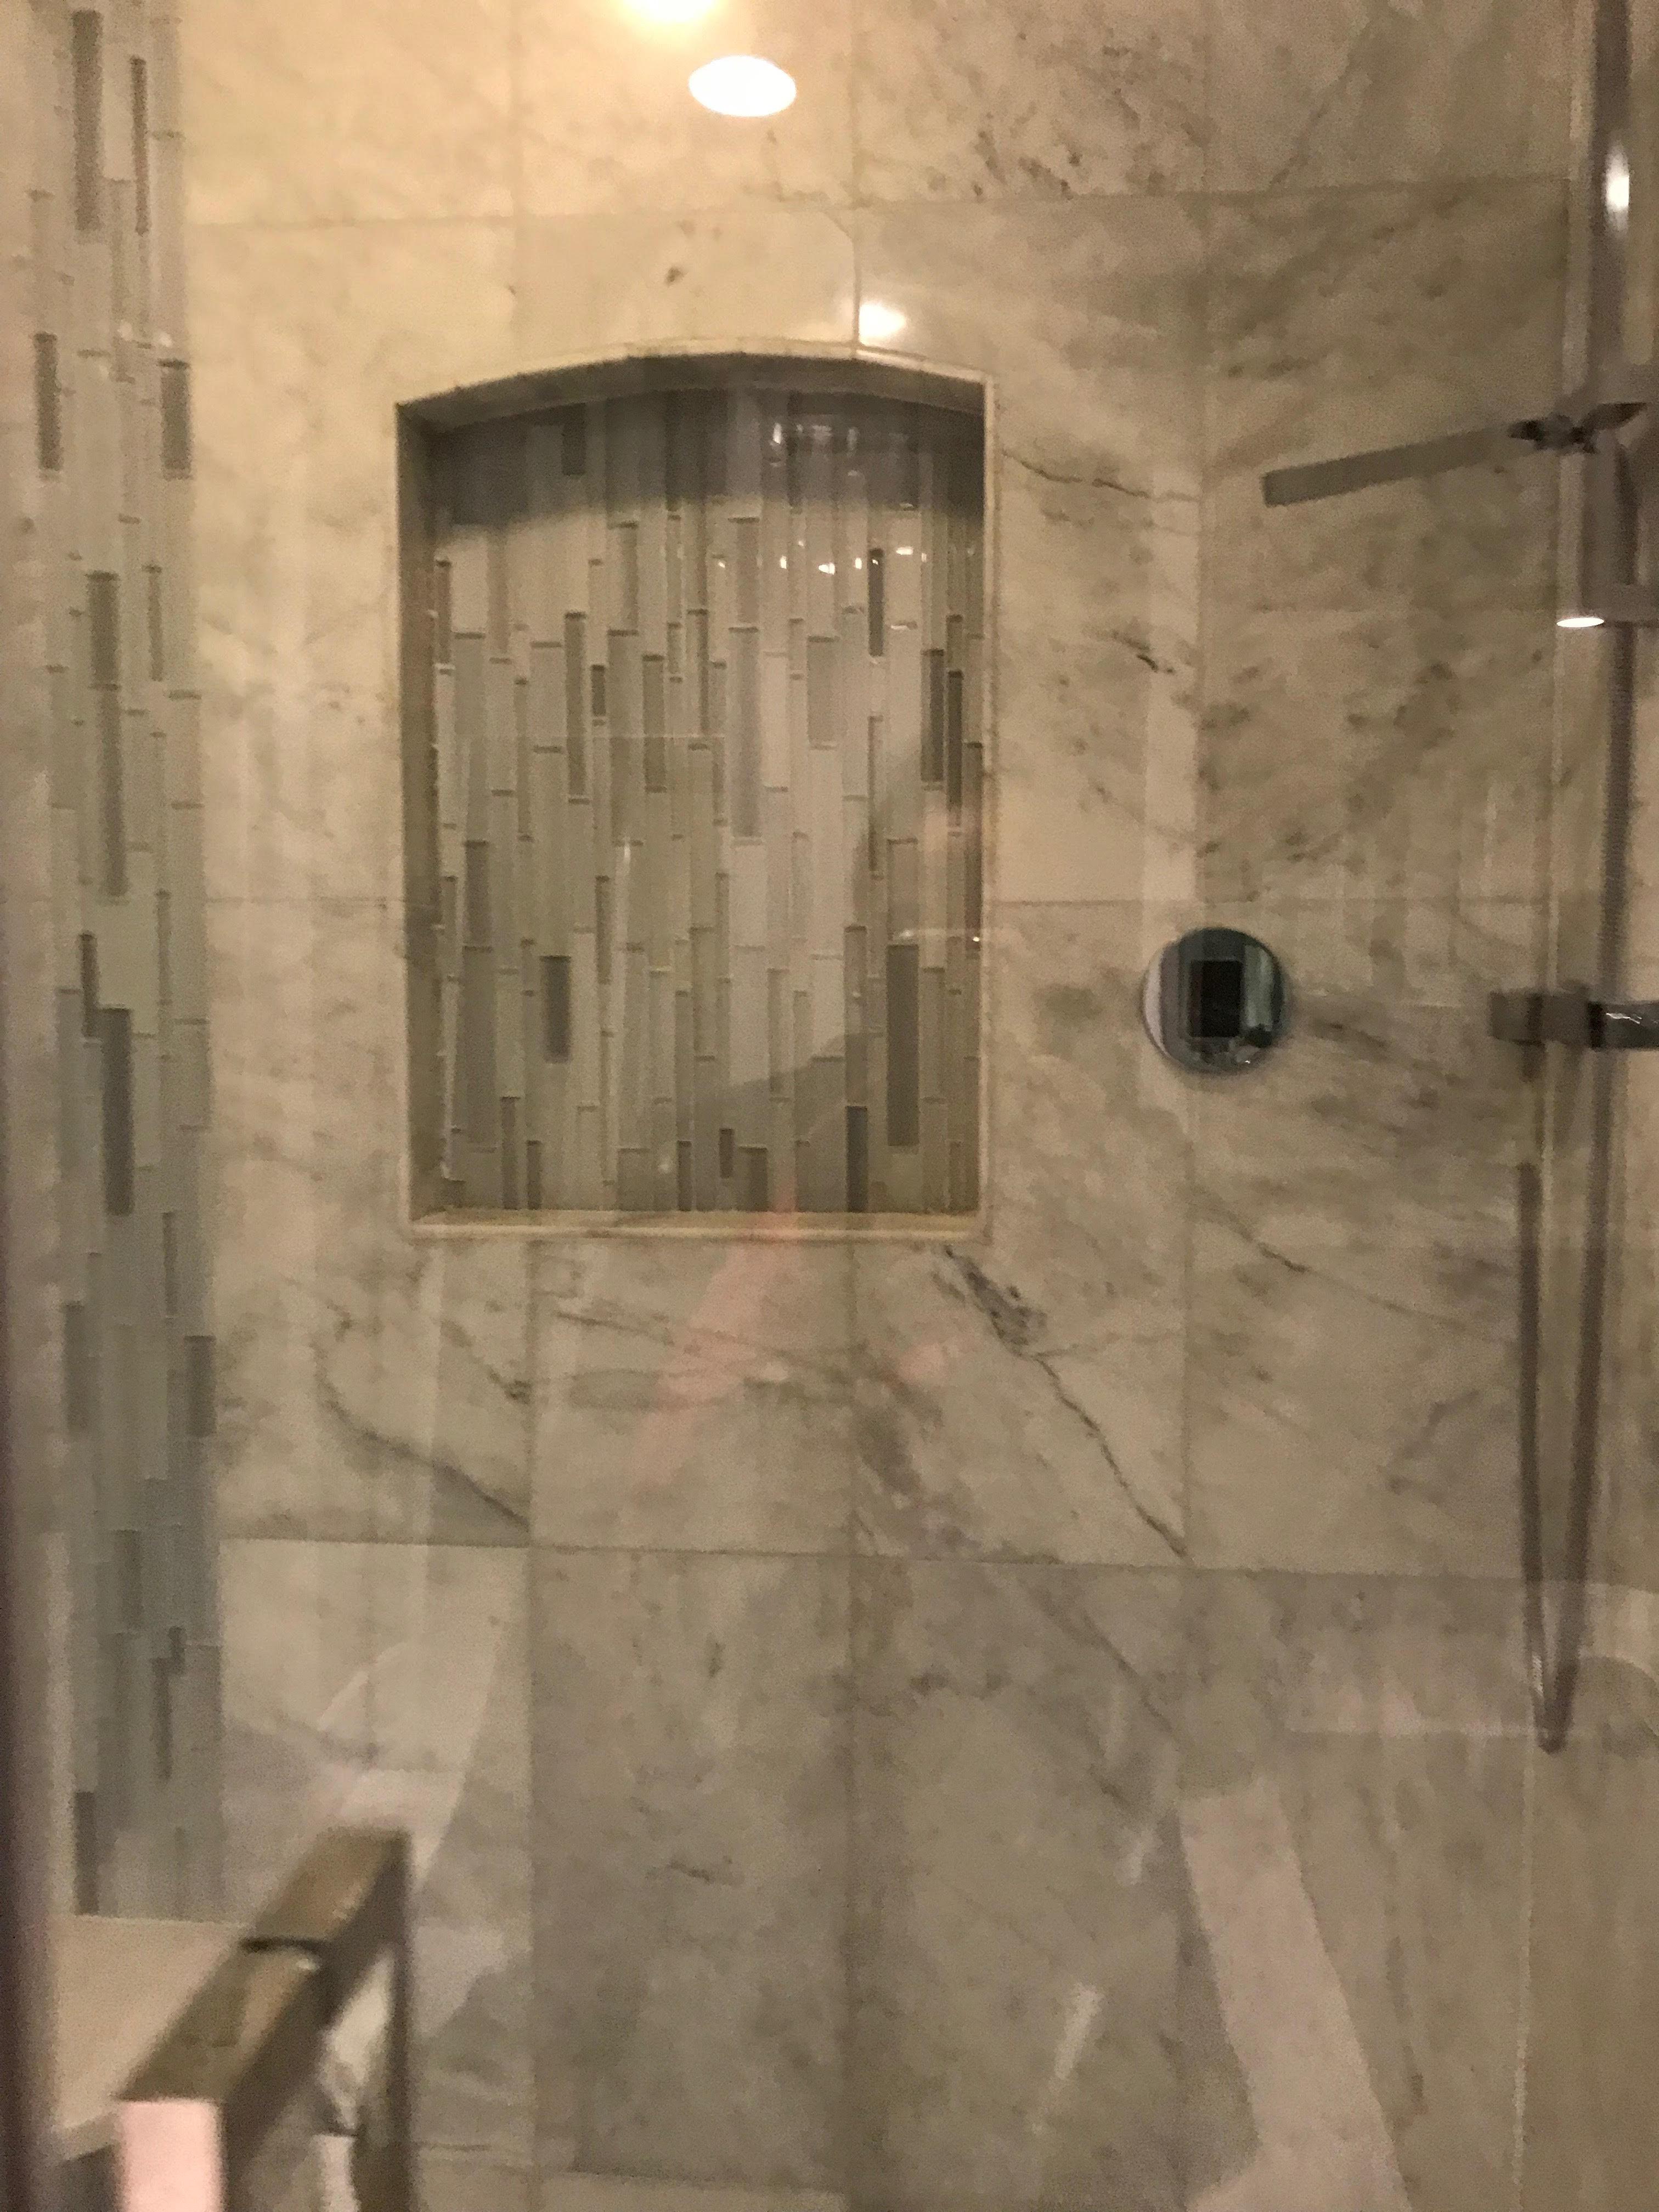 Marble Steam Shower Restoration - Lincoln Park, Chicago